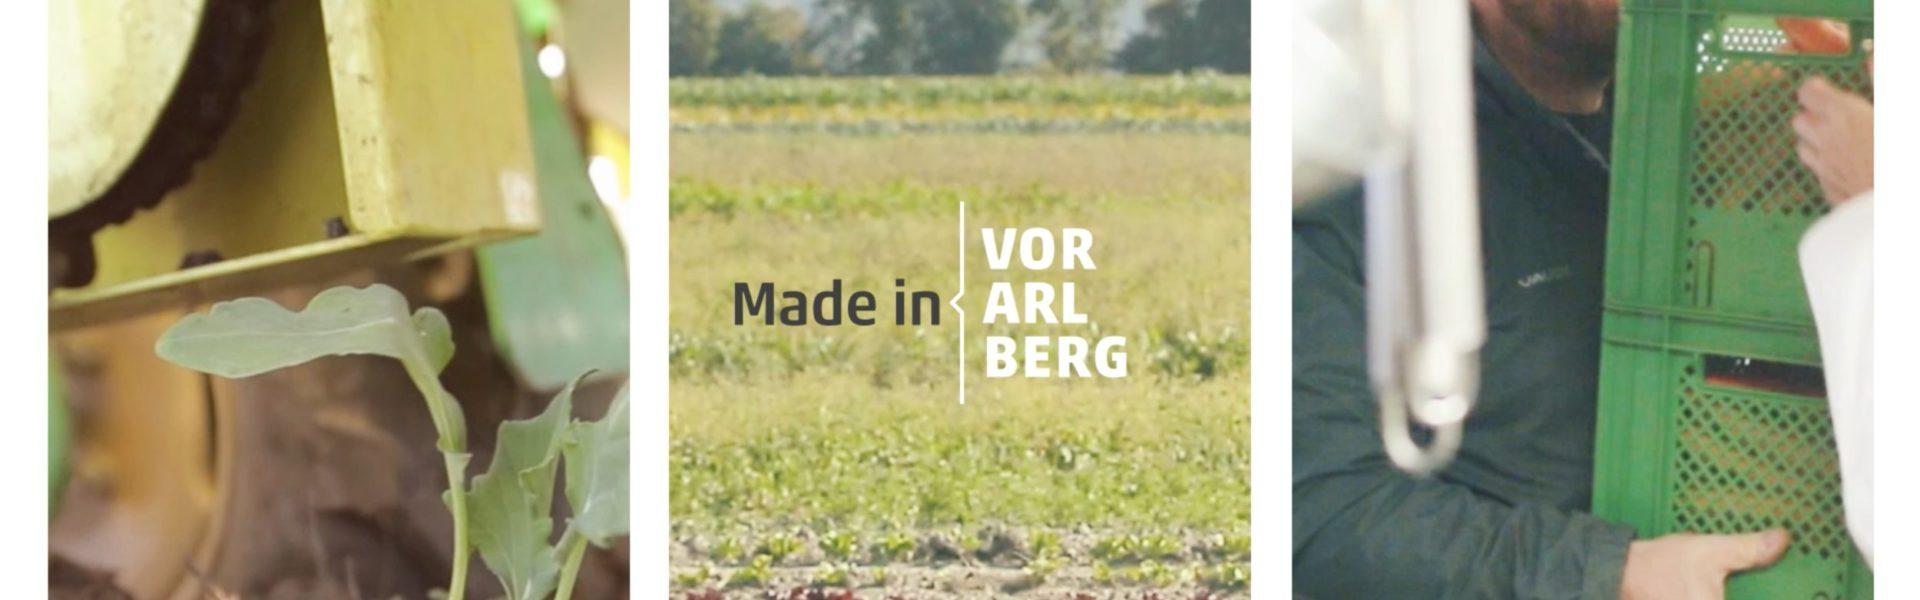 Vetterhof, Made in Vorarlberg, Video © Markus Gmeiner Matak films / Vorarlberg Tourismus GmbH